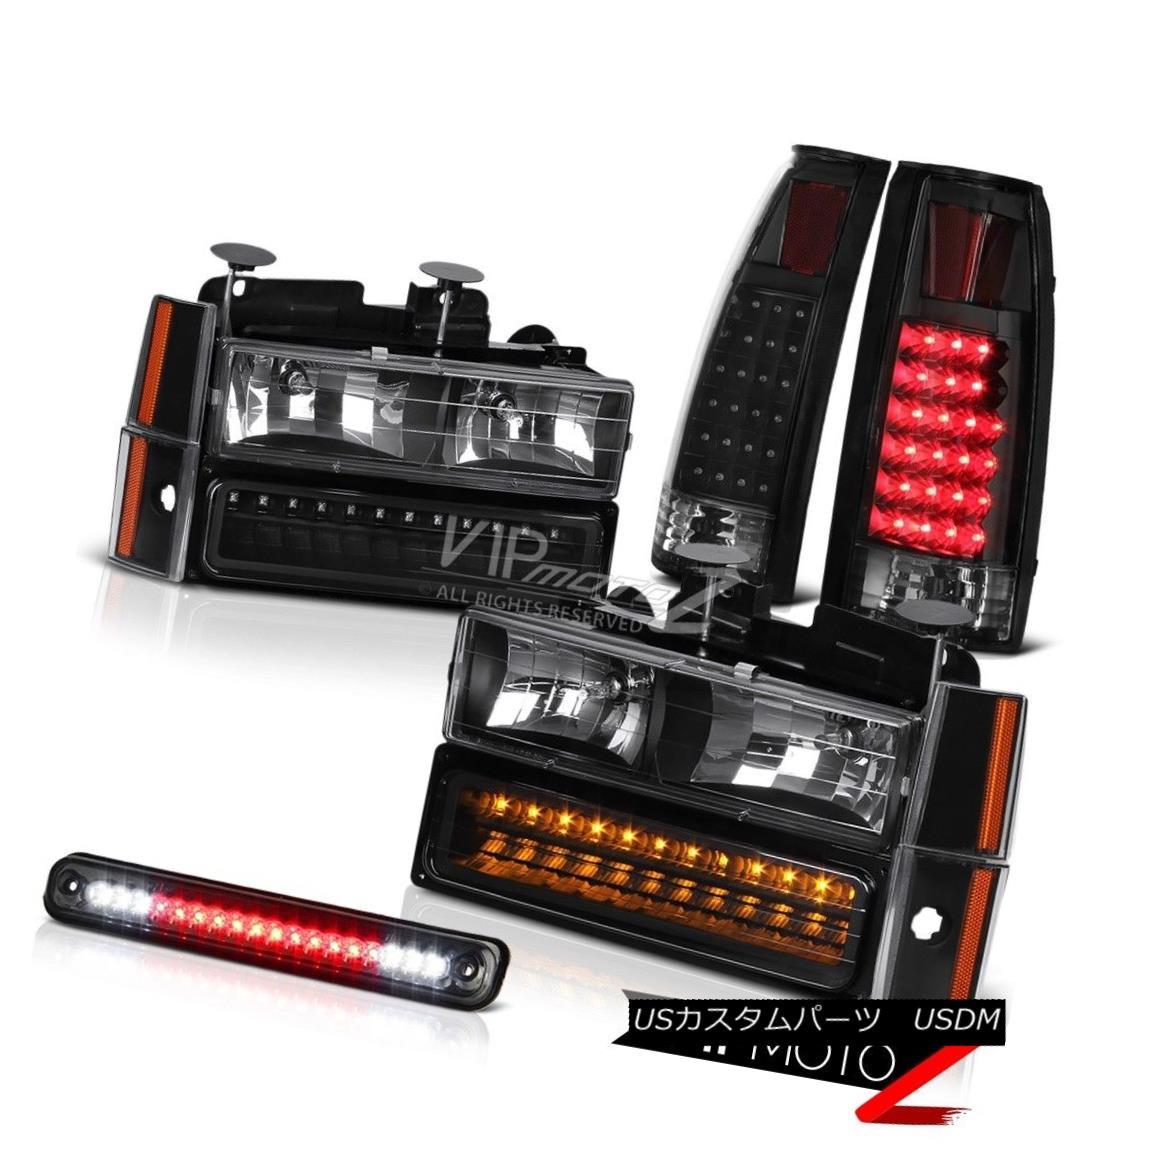 テールライト 3RD Brake Top Mount Cargo Cab LED Tail Light Brake Lamp Corner Signal Headlights 3RDブレーキトップマウントカーゴキャブLEDテールライトブレーキランプコーナー信号ヘッドライト